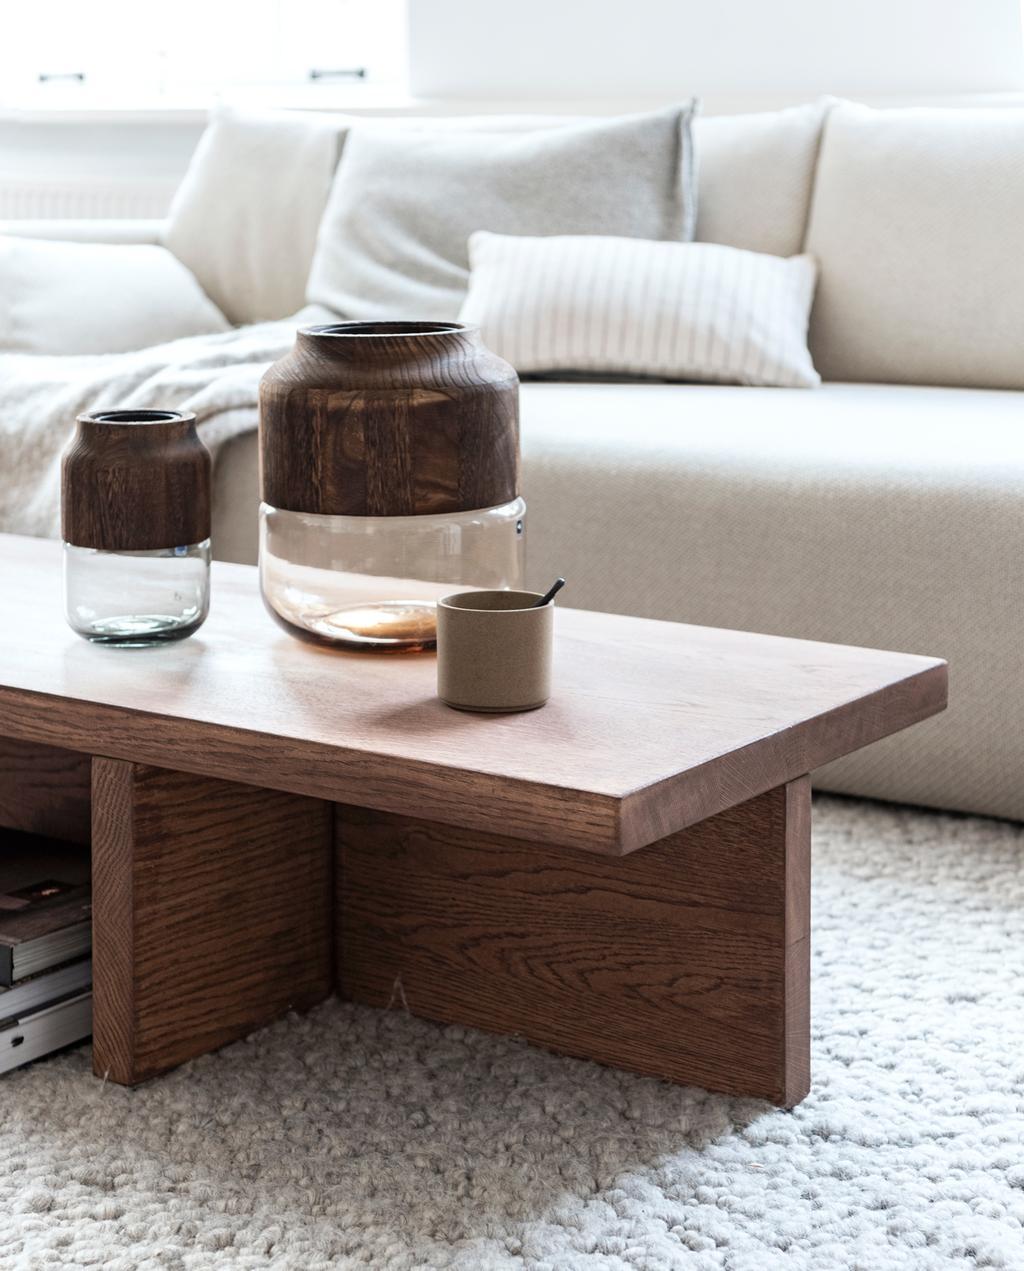 vtwonen 1-2020 | DIY salontafel woonkamer zijaanzicht gedecoreerd